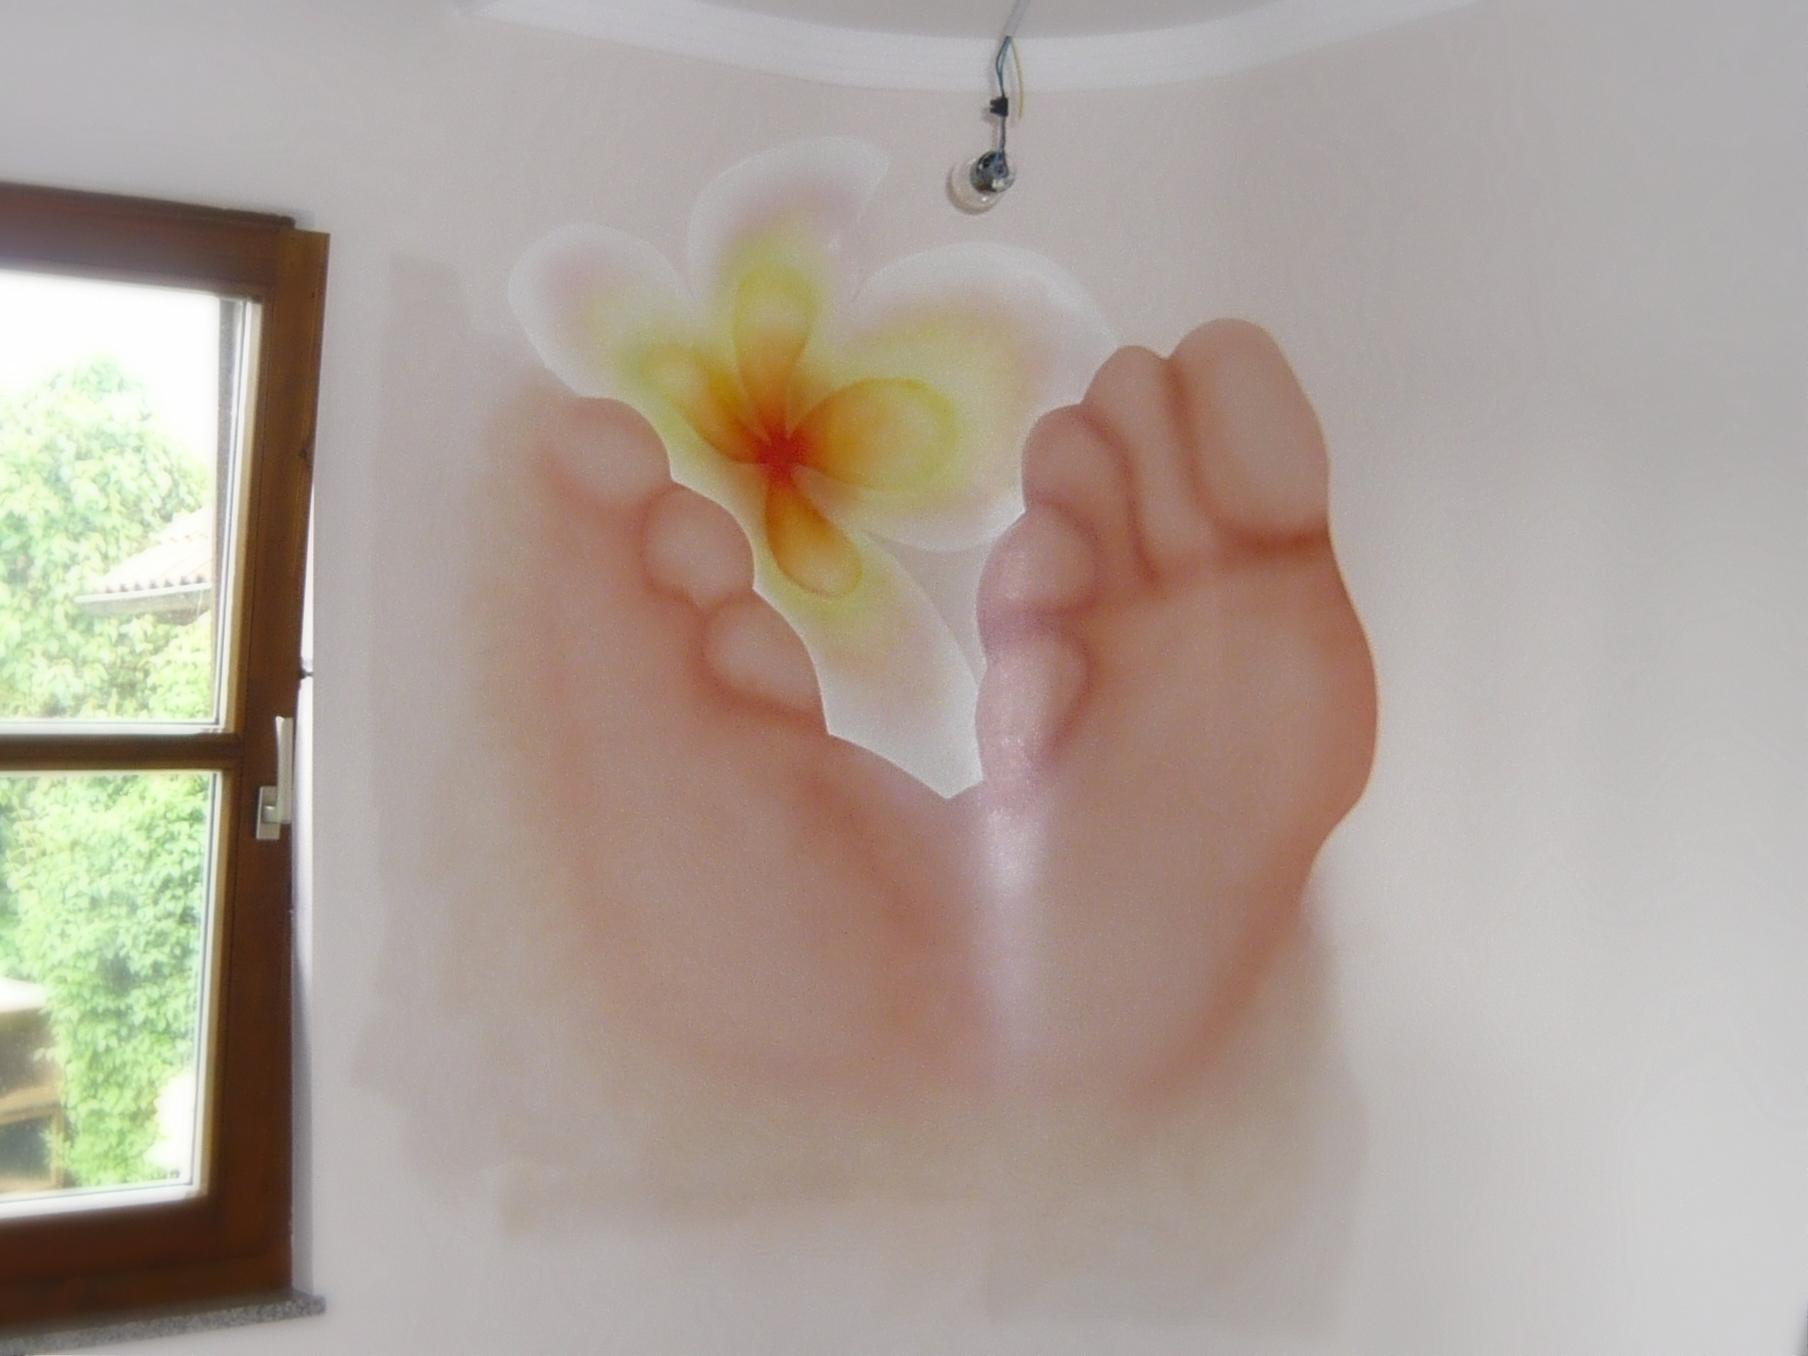 Wandtatoo nach eigenen Vorlagen für Ihre Geschäftsräume - Malerei Wagner Persenbeug